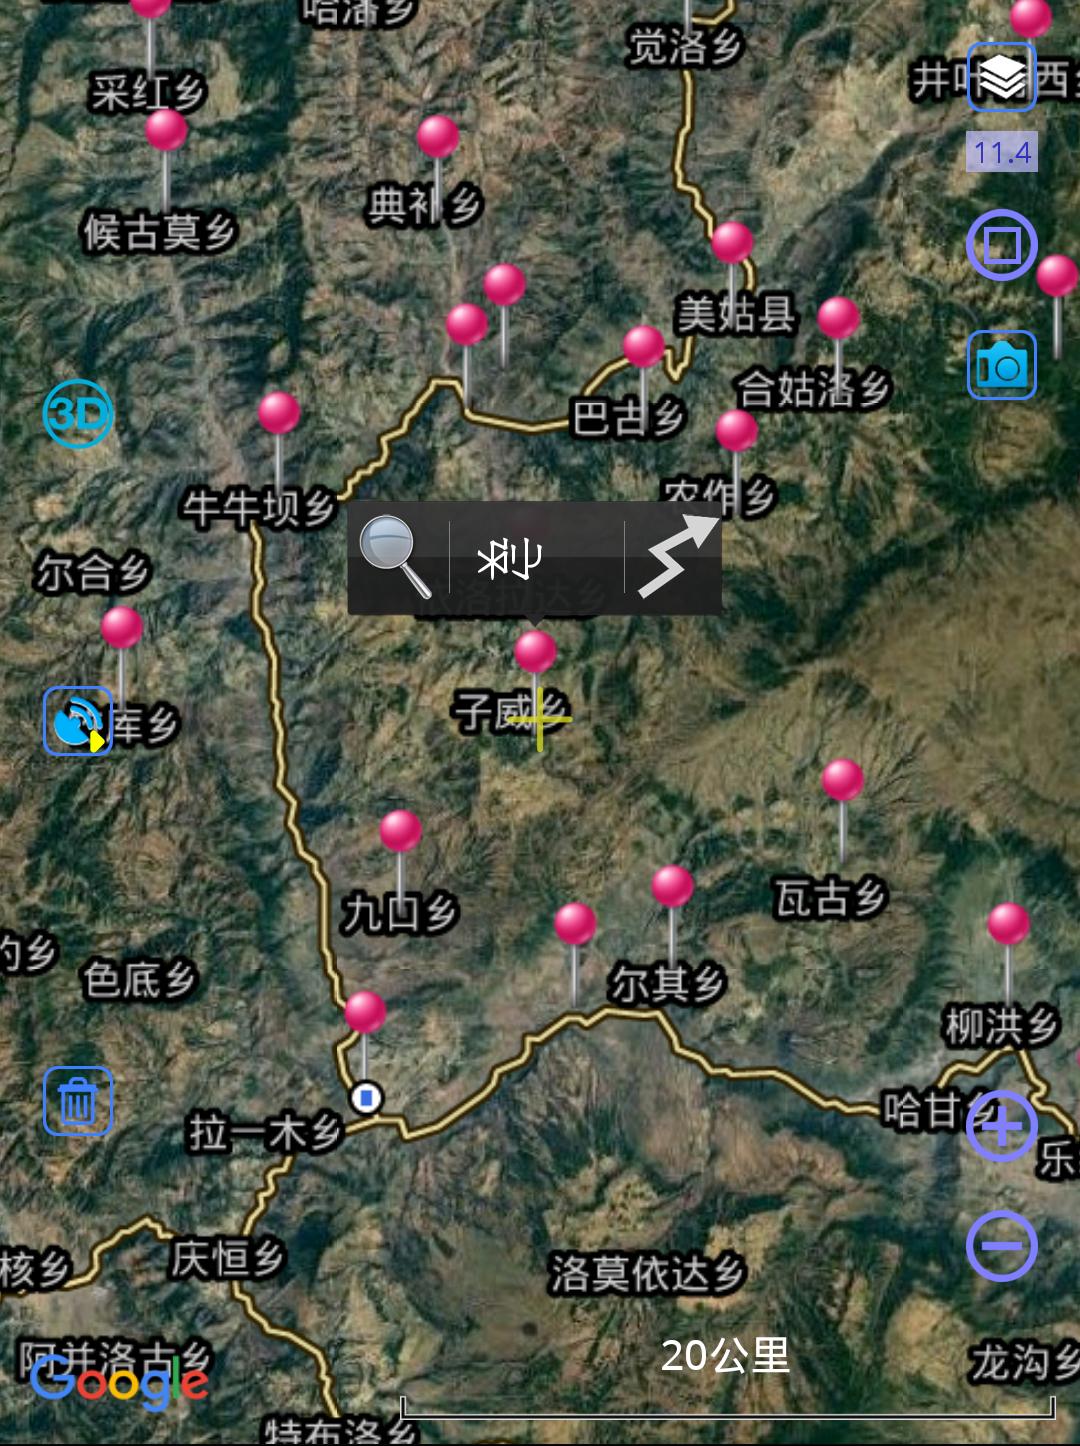 https://adoucard.oss-cn-beijing.aliyuncs.com/684441593444350416